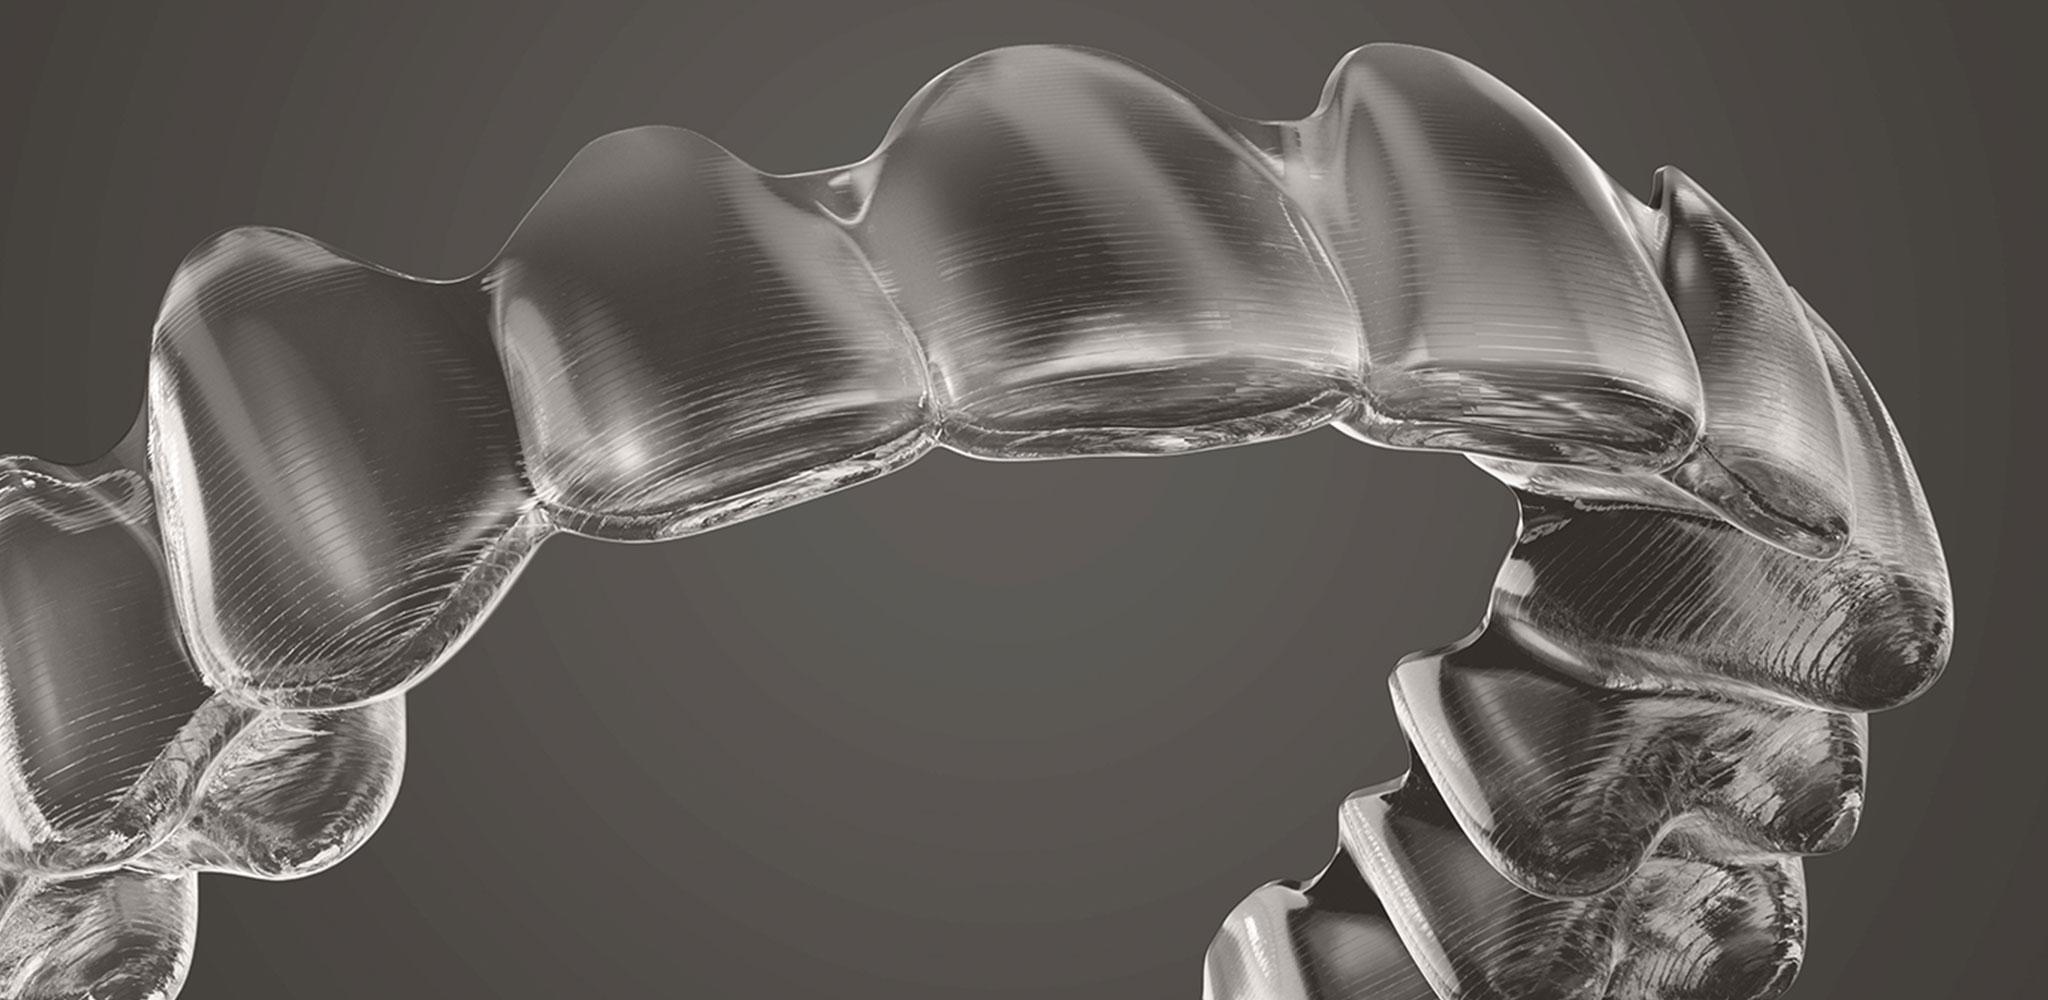 พบกับนวัตกรรมการจัดฟันแบบ clear aligner จัดฟันแบบใส invislign